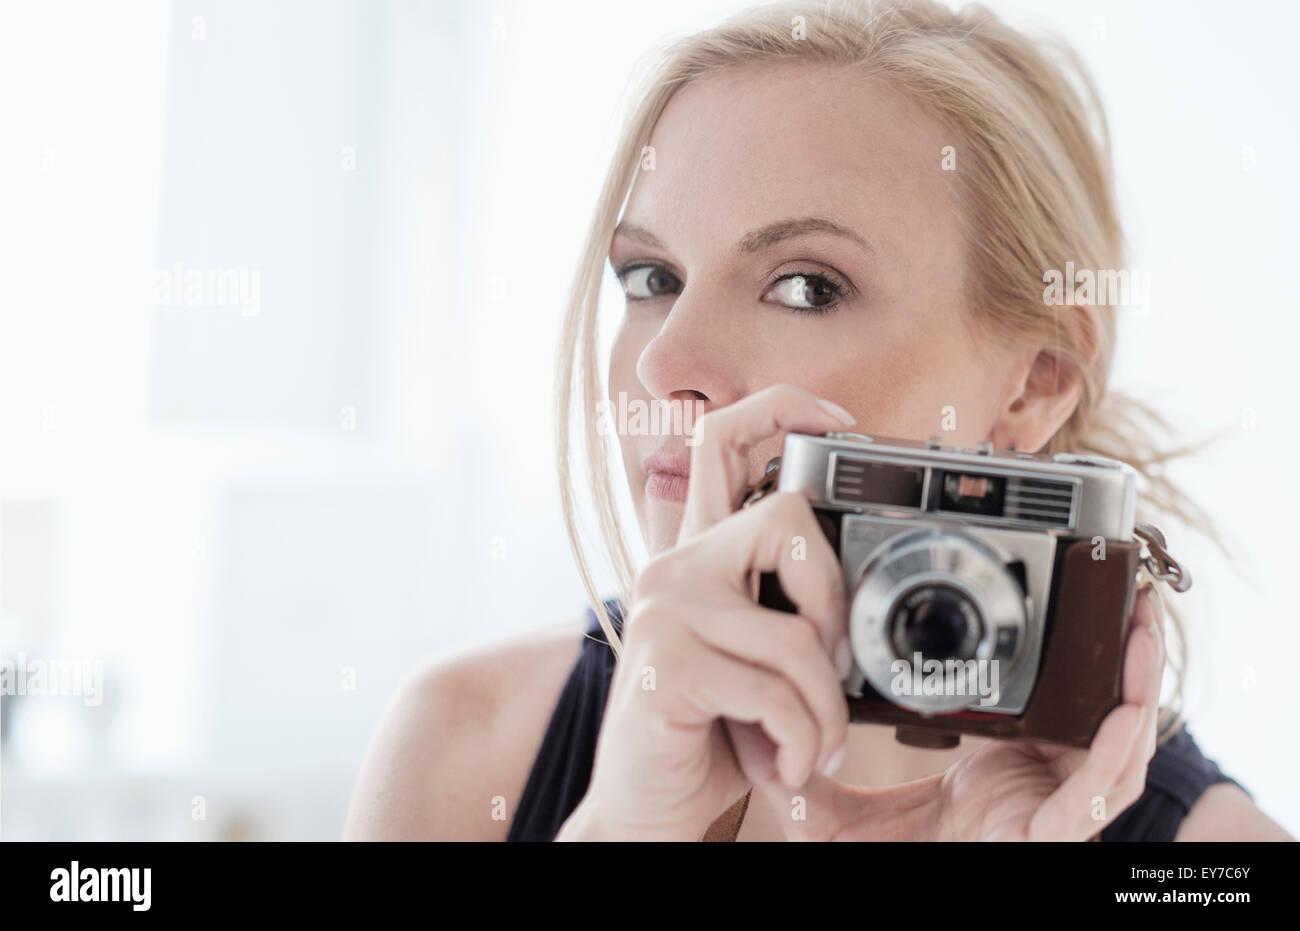 Mujer sosteniendo la cámara digital Imagen De Stock